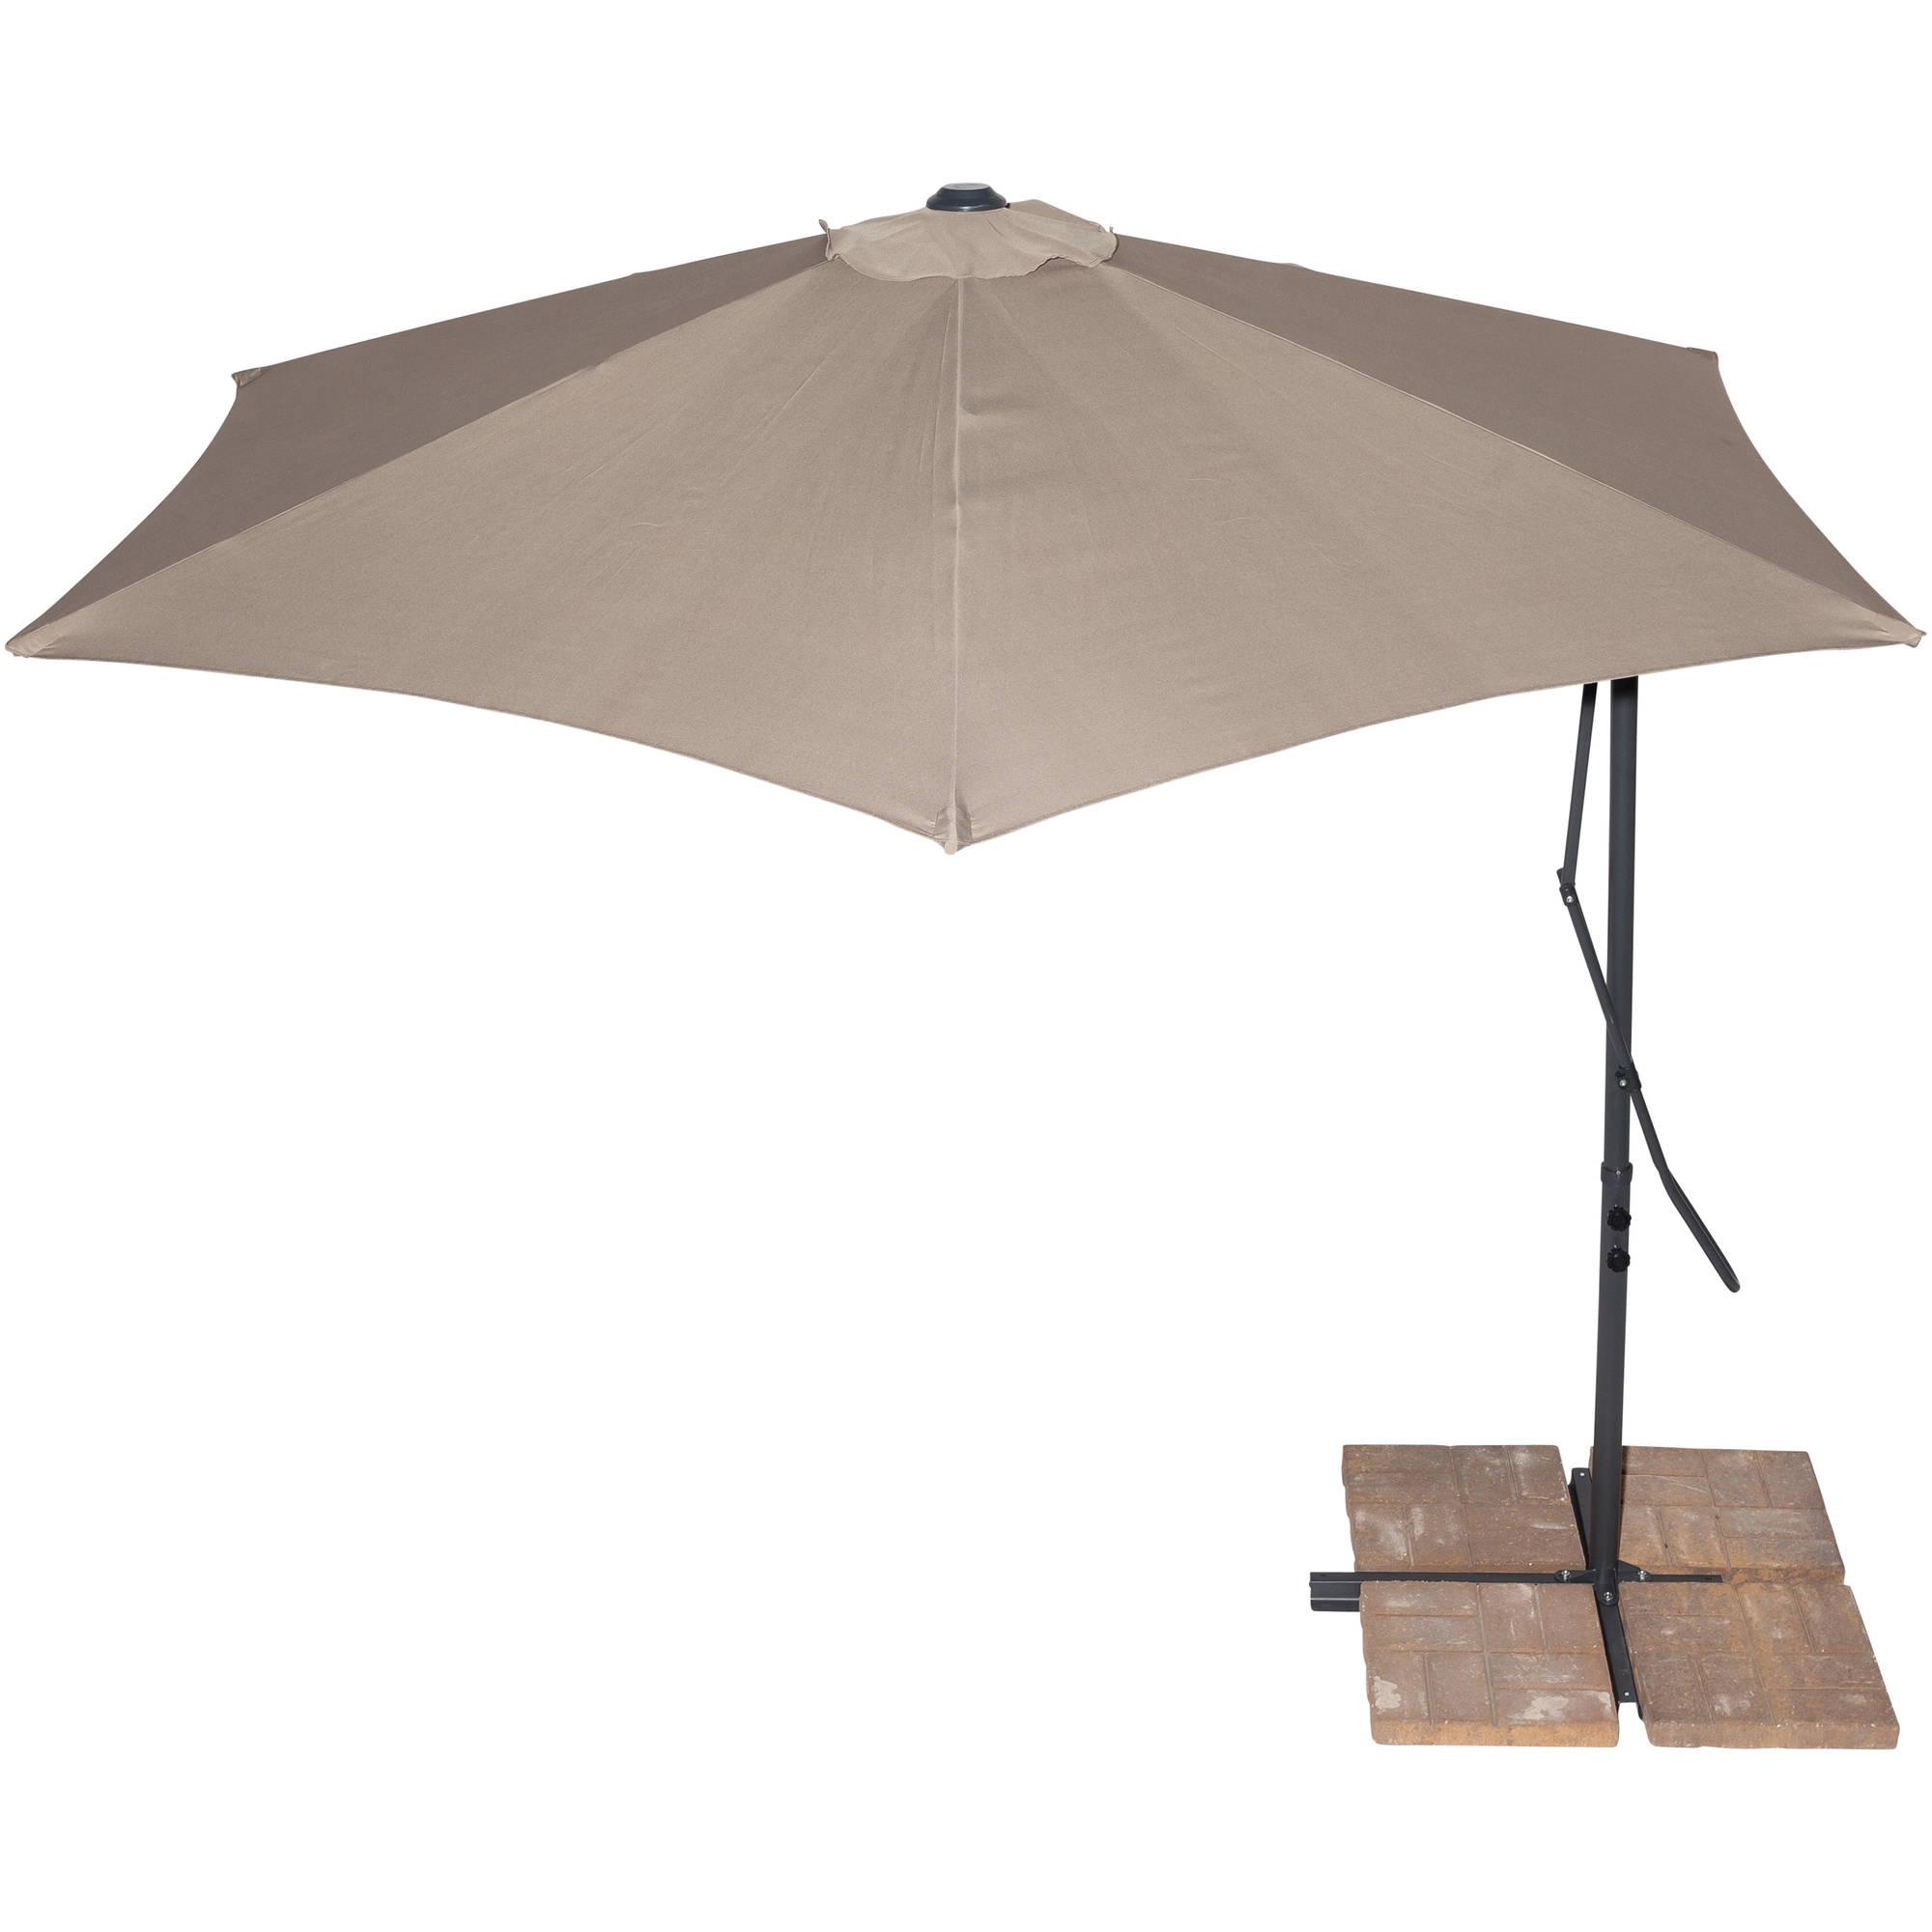 Anna Cantilever Umbrellas Throughout Most Recent California Sun Shades 10' Cantilever Umbrella, Tan (View 3 of 20)